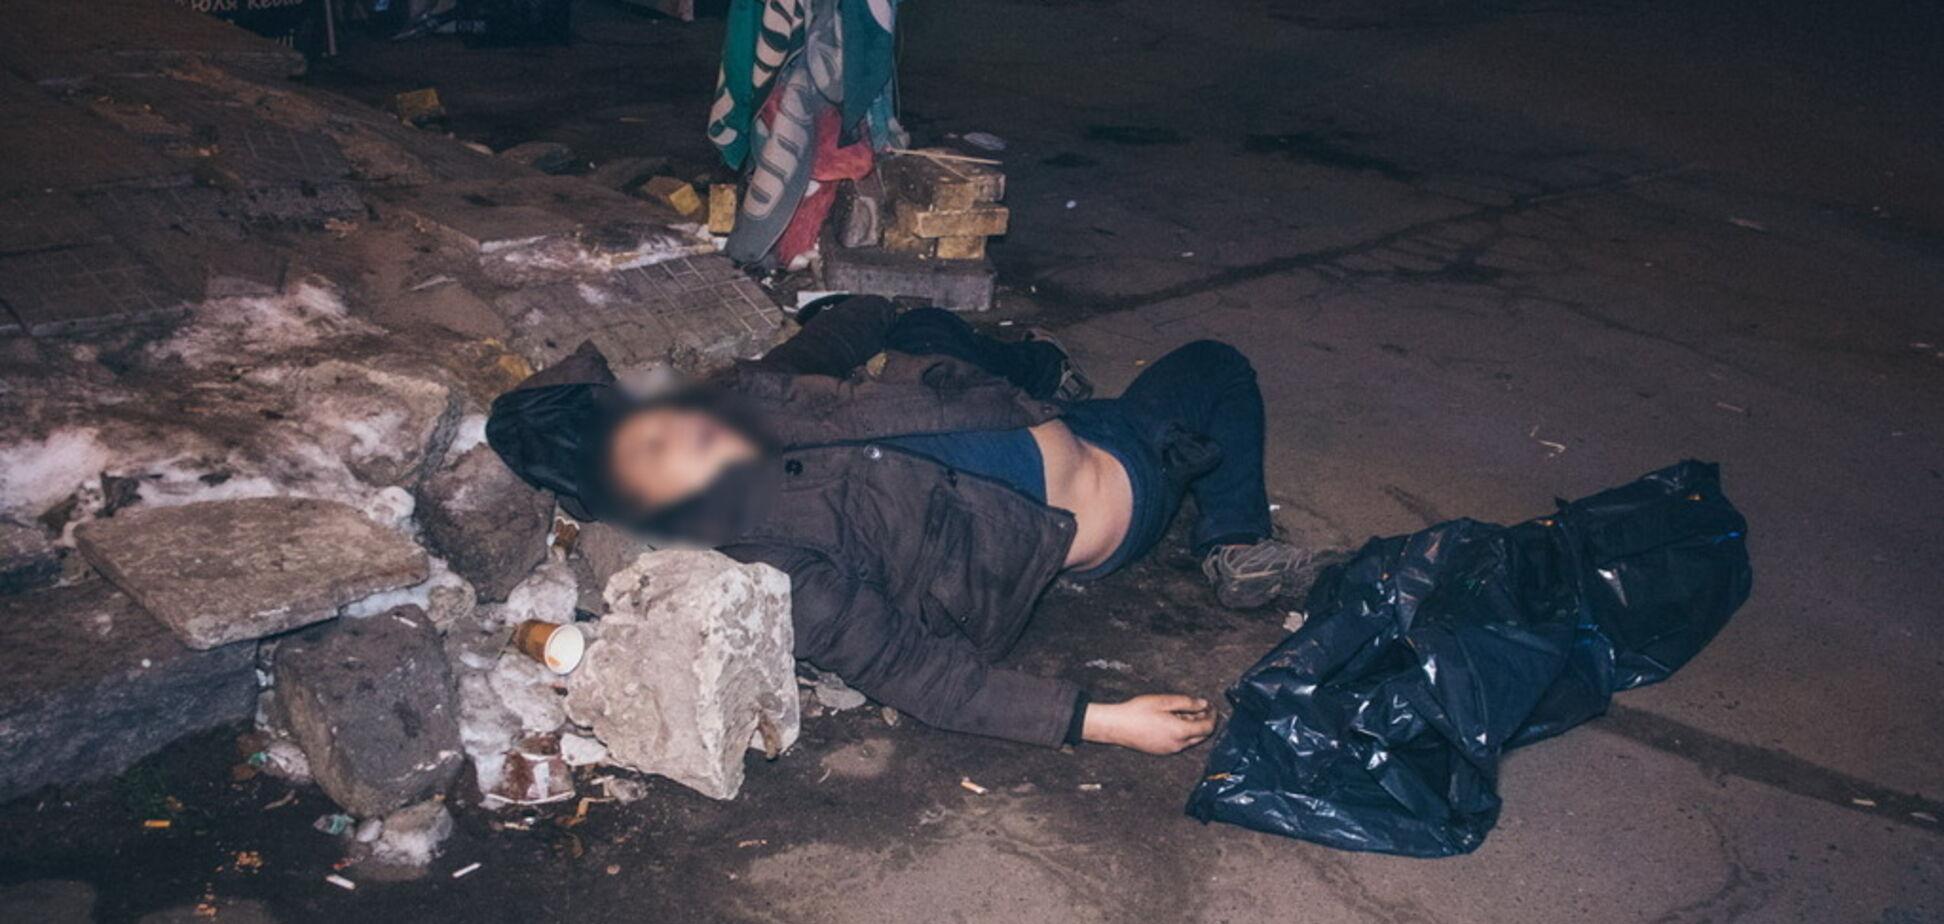 В Киеве возле метро обнаружили труп: первые подробности, фото и видео